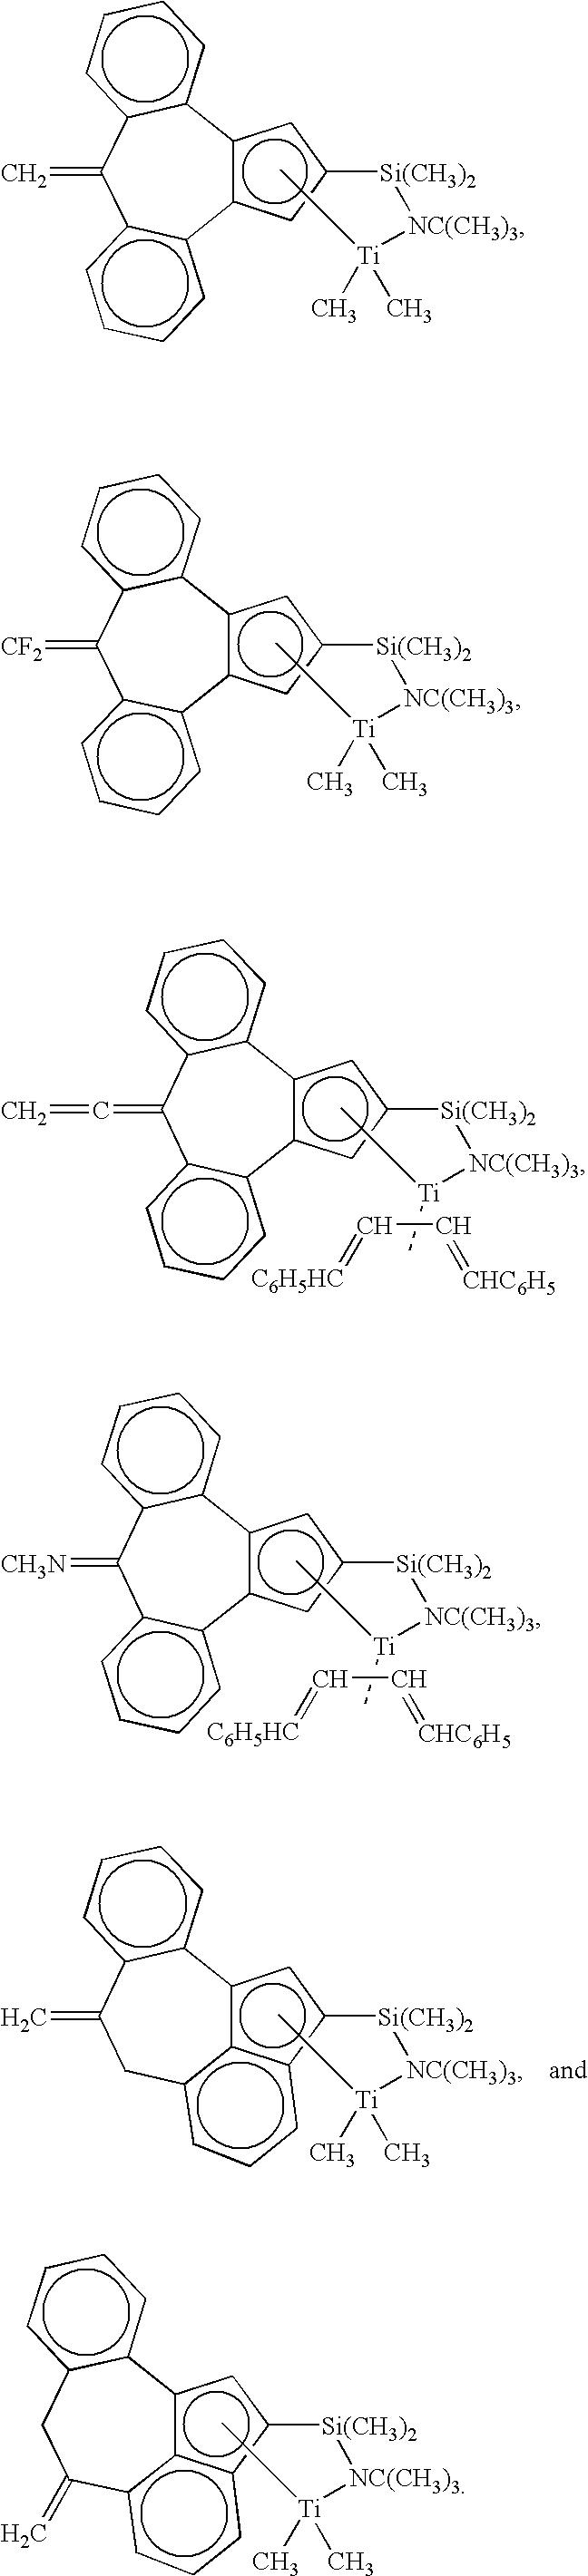 Figure US20070167578A1-20070719-C00010